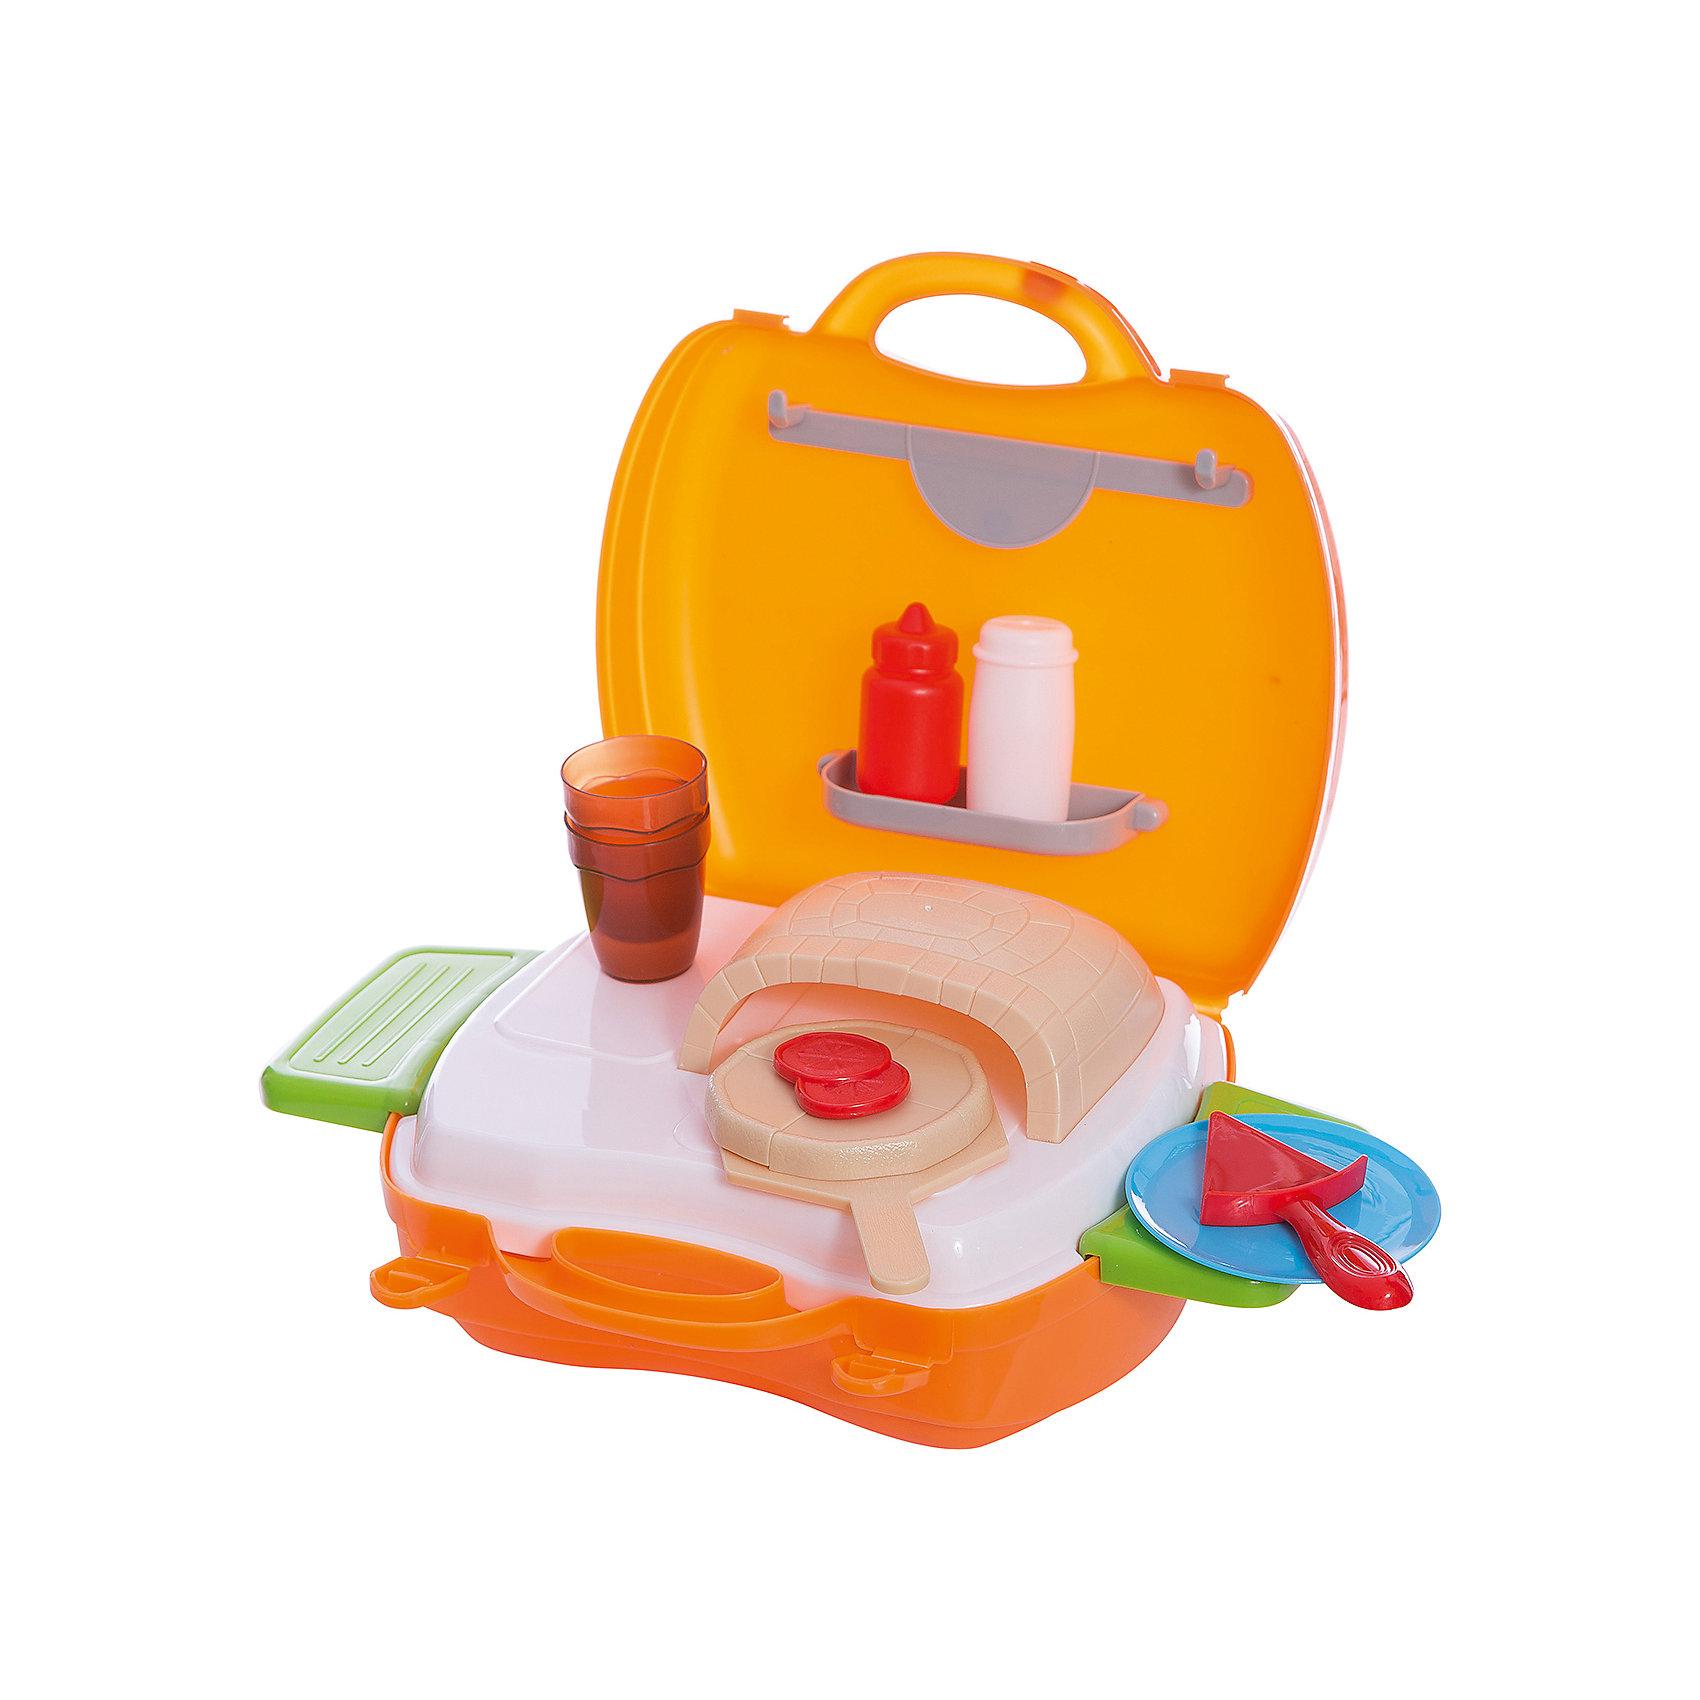 Набор в чемоданчике Мастер-Шеф Пицца, 22 предмета , 1toyС игровым набором Мастер Шеф. Пицца ребенок сможет создать самую вкусную пиццу для своих игрушек. В наборе есть все, что понадобится начинающему повару: печь, лопатка, противень, поднос, соусы и многое другое. С помощью наклеек ребенок сможет украсить мини-пекарню по своему вкусу. Кроме того, игра поможет развить мелкую моторику, фантазию и воображение.  Все предметы легко складываются в удобный чемоданчик, чтобы можно было играть с друзьями даже на улице. Отличный подарок для юного повара!<br><br>Дополнительная информация:<br>В наборе: печка, противень, лопатка, поднос, баночки для соусов, посуда, коробка для доставки пиццы, наклейки, 2 выдвижных столика<br>Материал: пластик<br>Размер: 20х10х24 см<br>Вес: 587 грамм<br>Вы можете приобрести набор Мастер Шеф. Пицца в нашем интернет-магазине.<br><br>Ширина мм: 240<br>Глубина мм: 100<br>Высота мм: 200<br>Вес г: 587<br>Возраст от месяцев: 24<br>Возраст до месяцев: 120<br>Пол: Унисекс<br>Возраст: Детский<br>SKU: 4953630